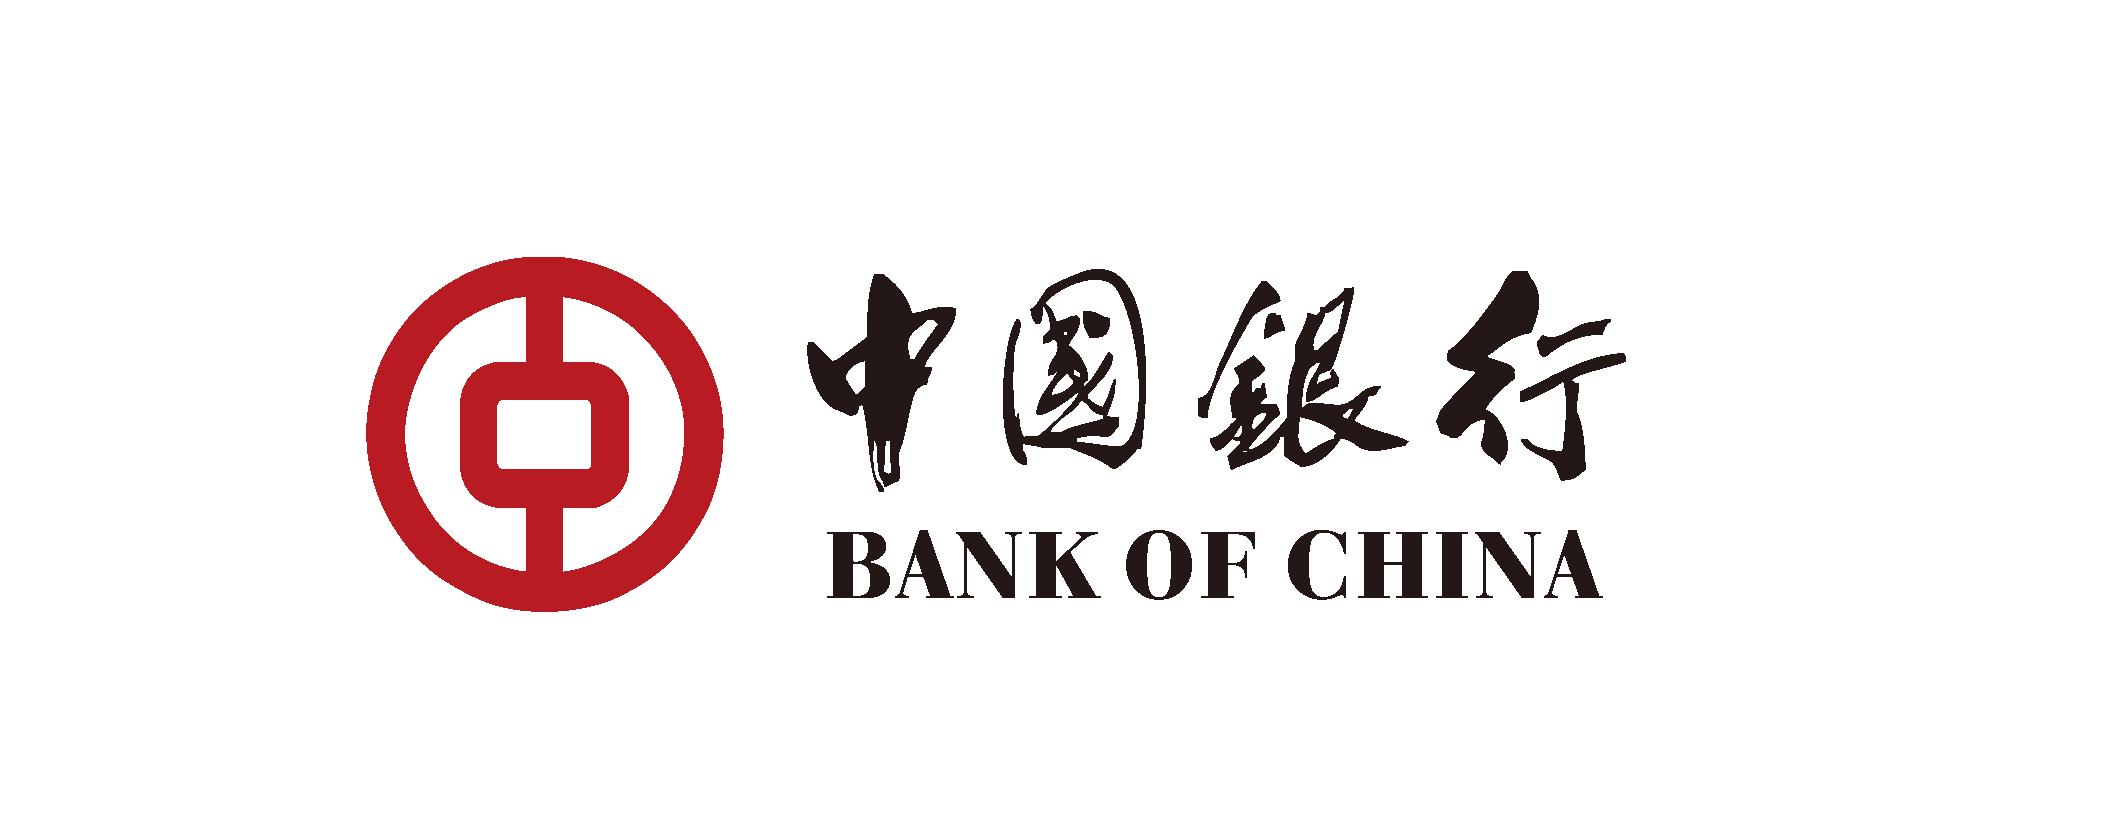 12中国银行